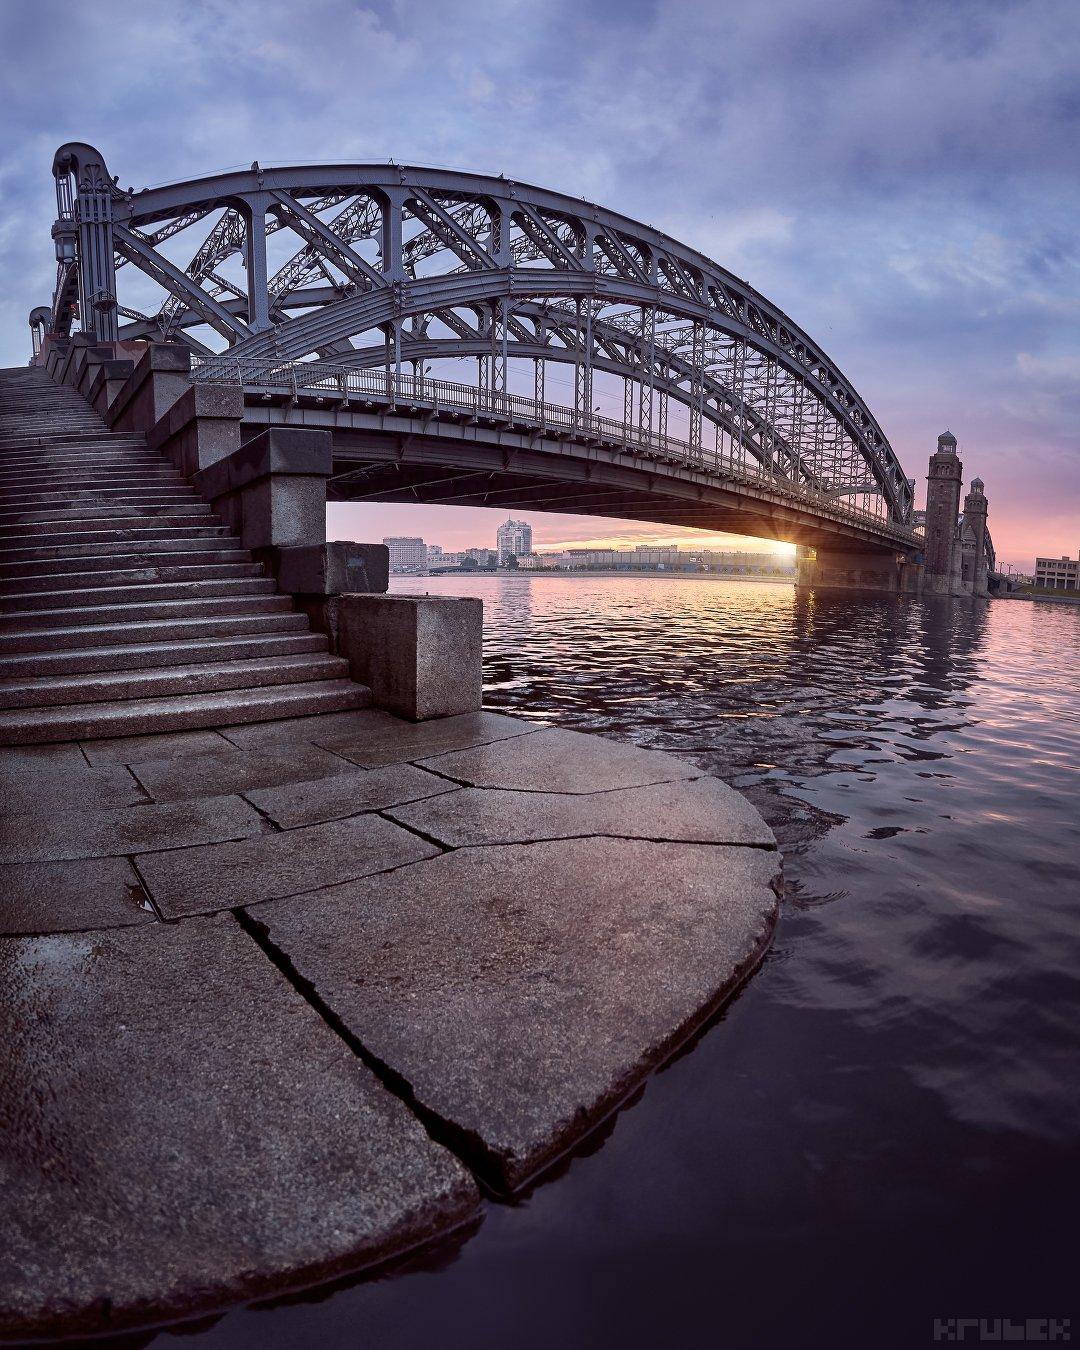 санкт-петербург, большеохтинский мост, нева, KrubeK